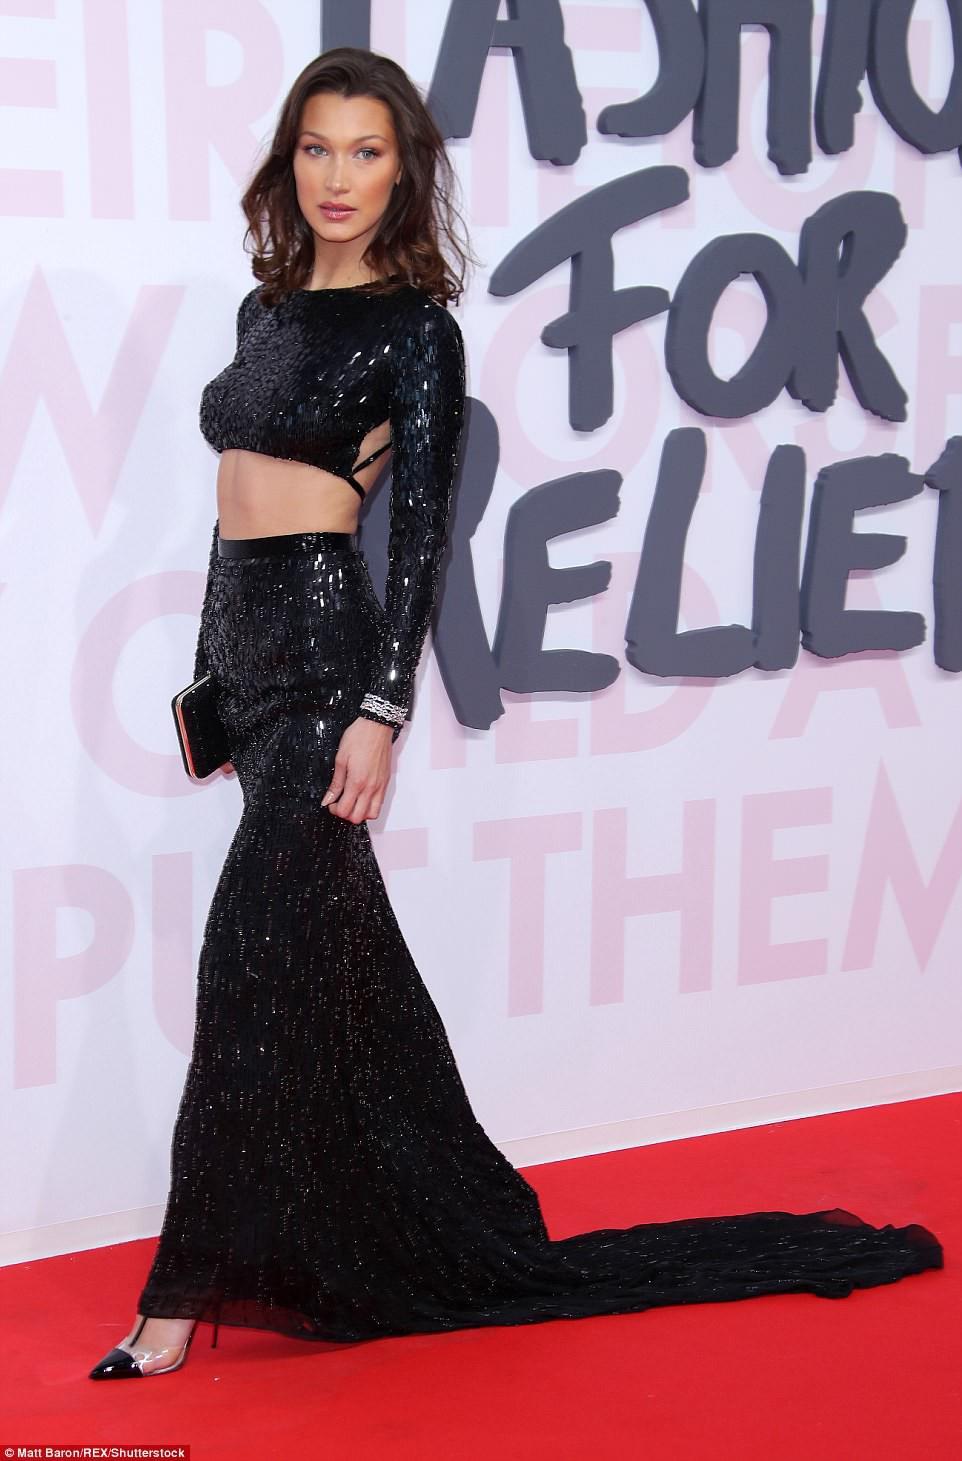 Cuộc chiến nhan sắc tại Cannes: Paris Hilton U40 vẫn đẹp như công chúa, Kendall khoe chân dài quá sexy - Ảnh 8.